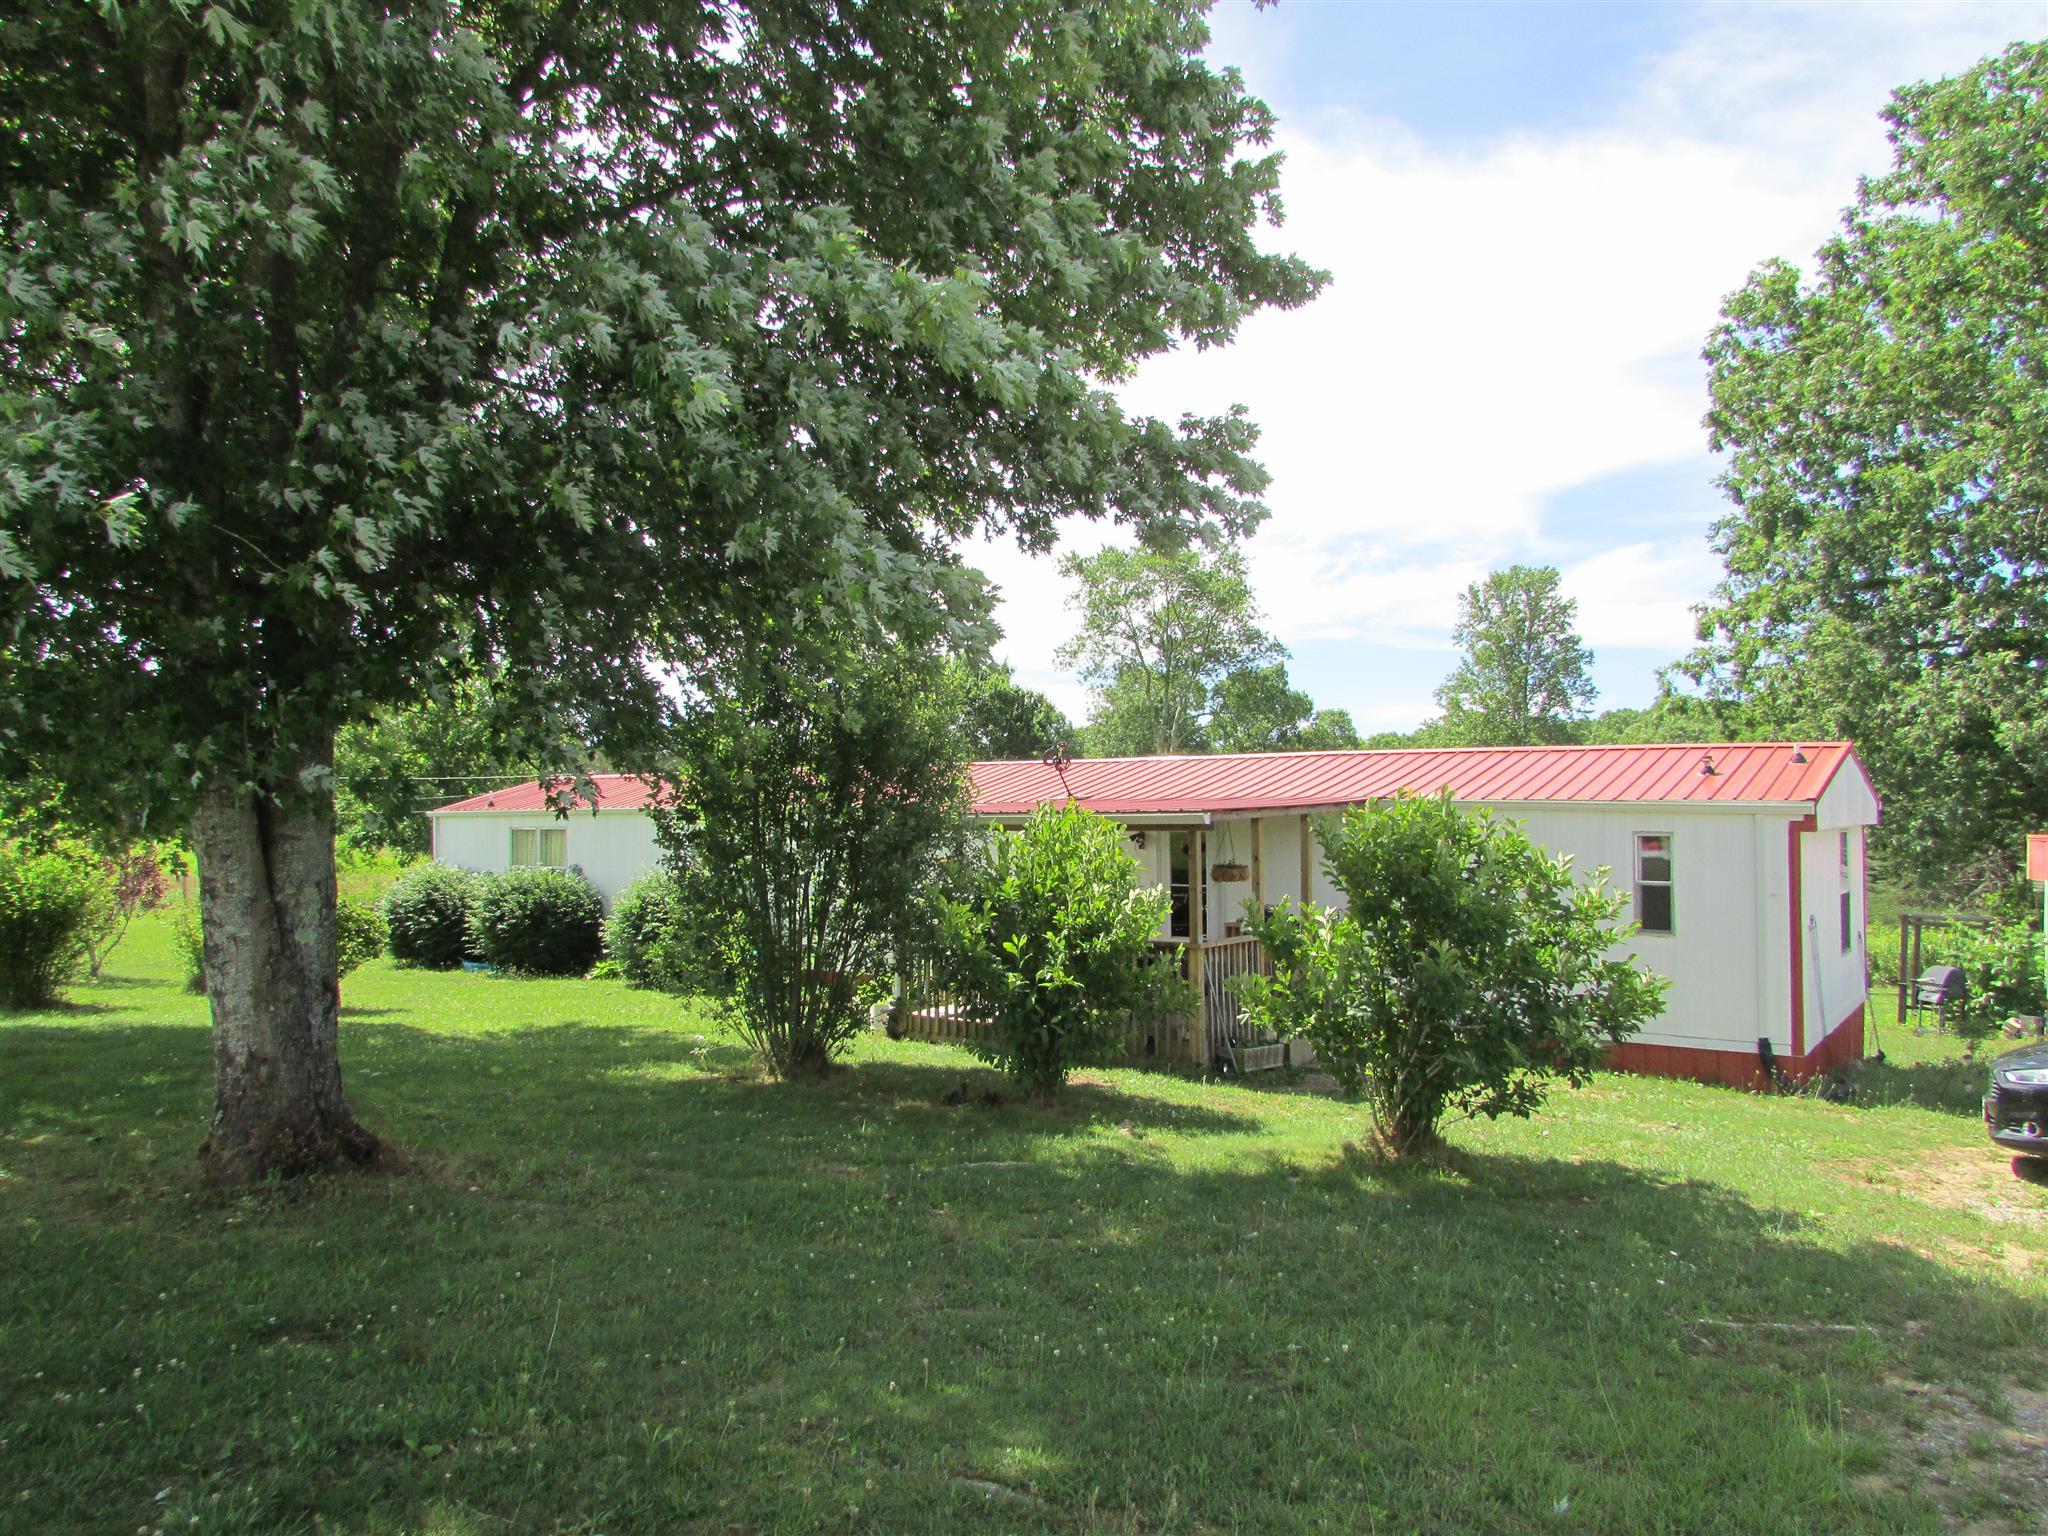 10118 SR 108, Altamont, TN 37301 - Altamont, TN real estate listing